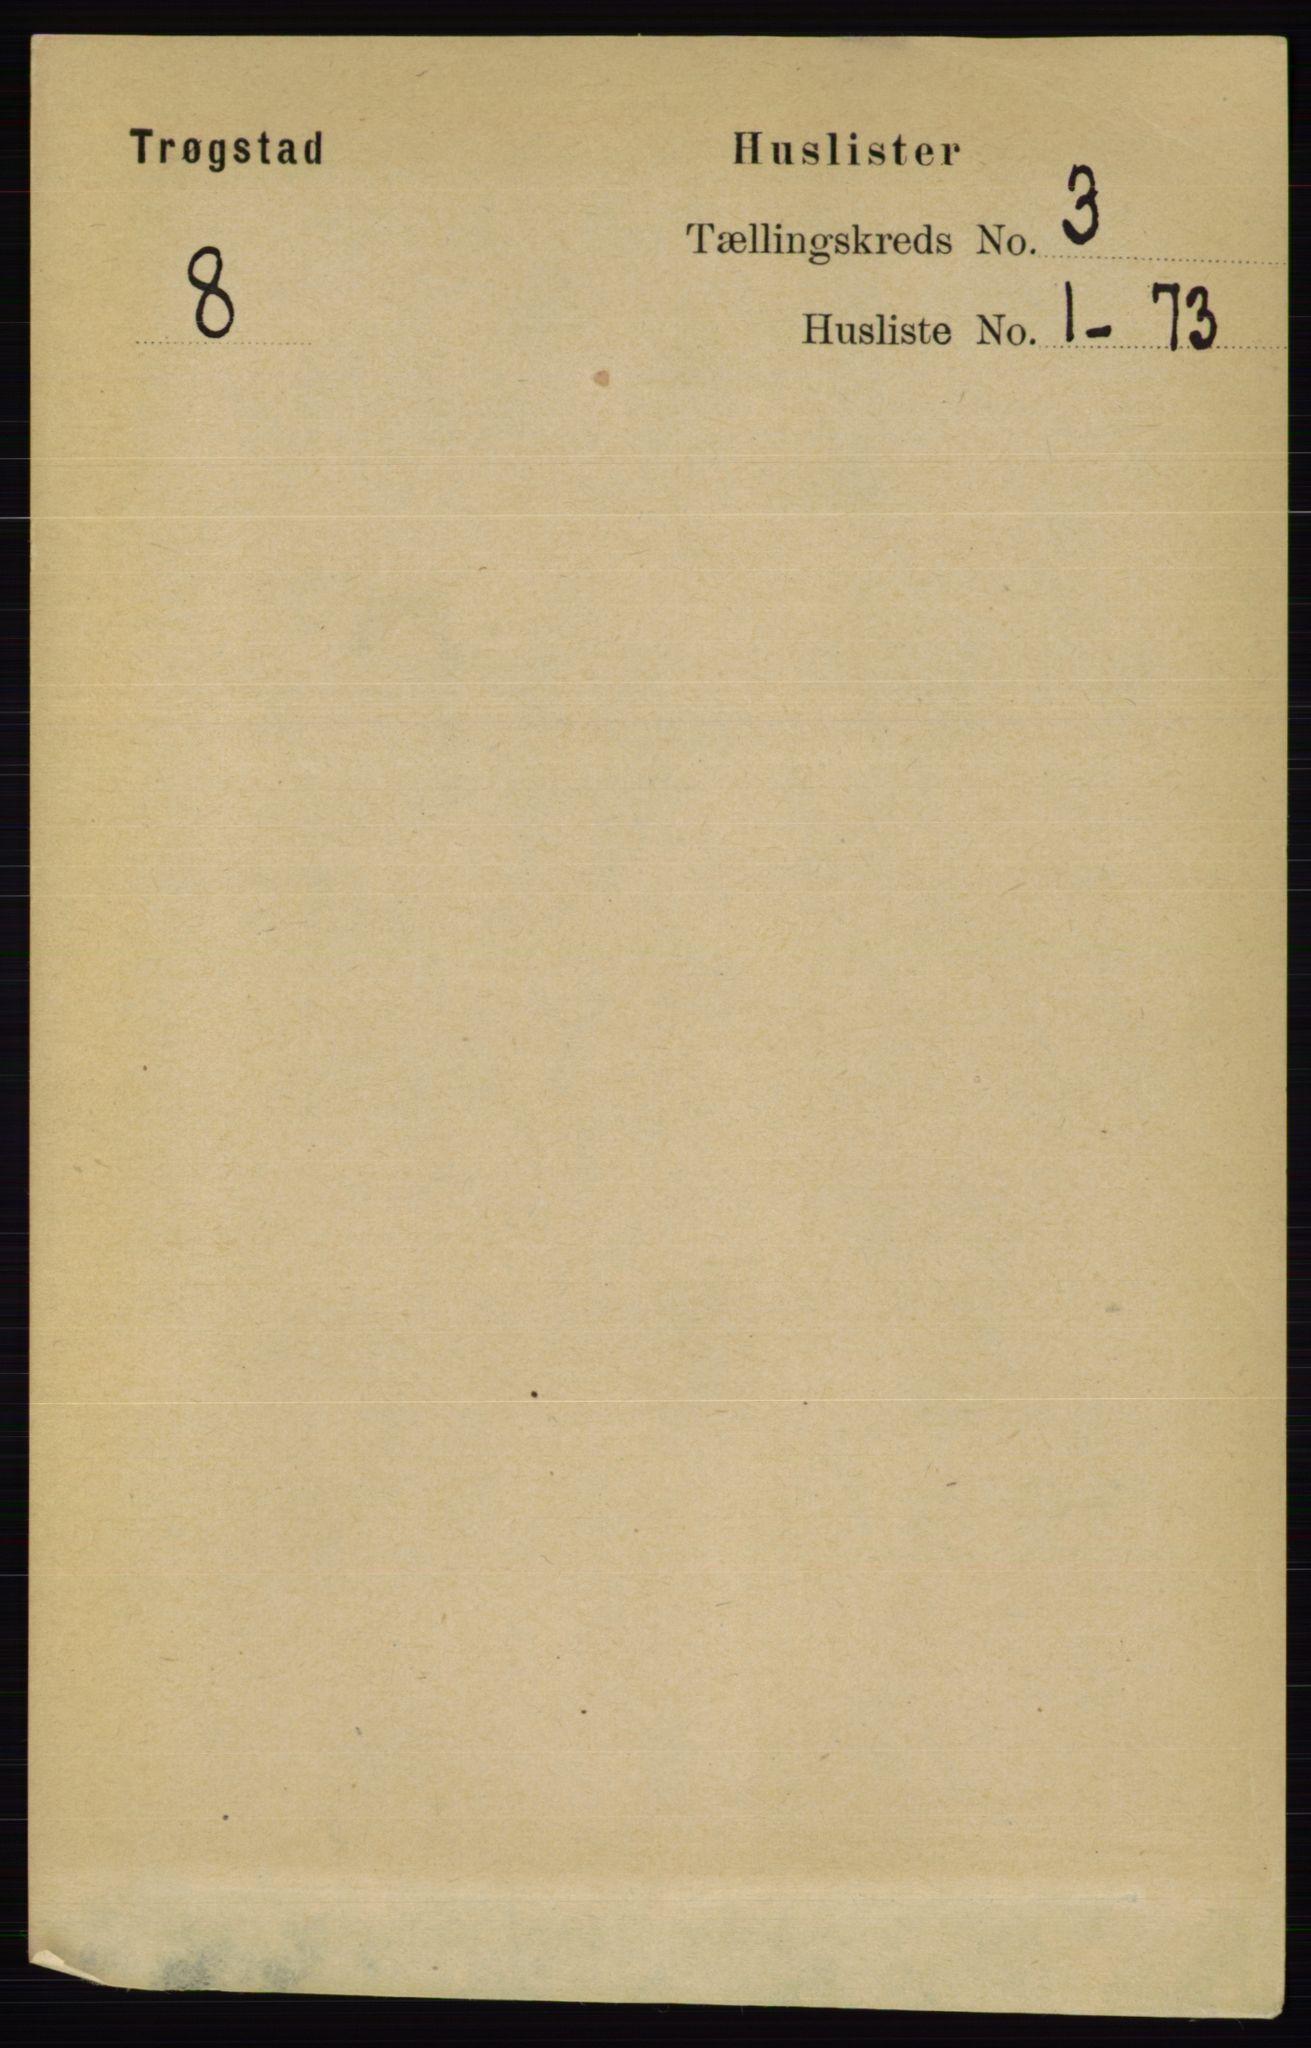 RA, Folketelling 1891 for 0122 Trøgstad herred, 1891, s. 1043